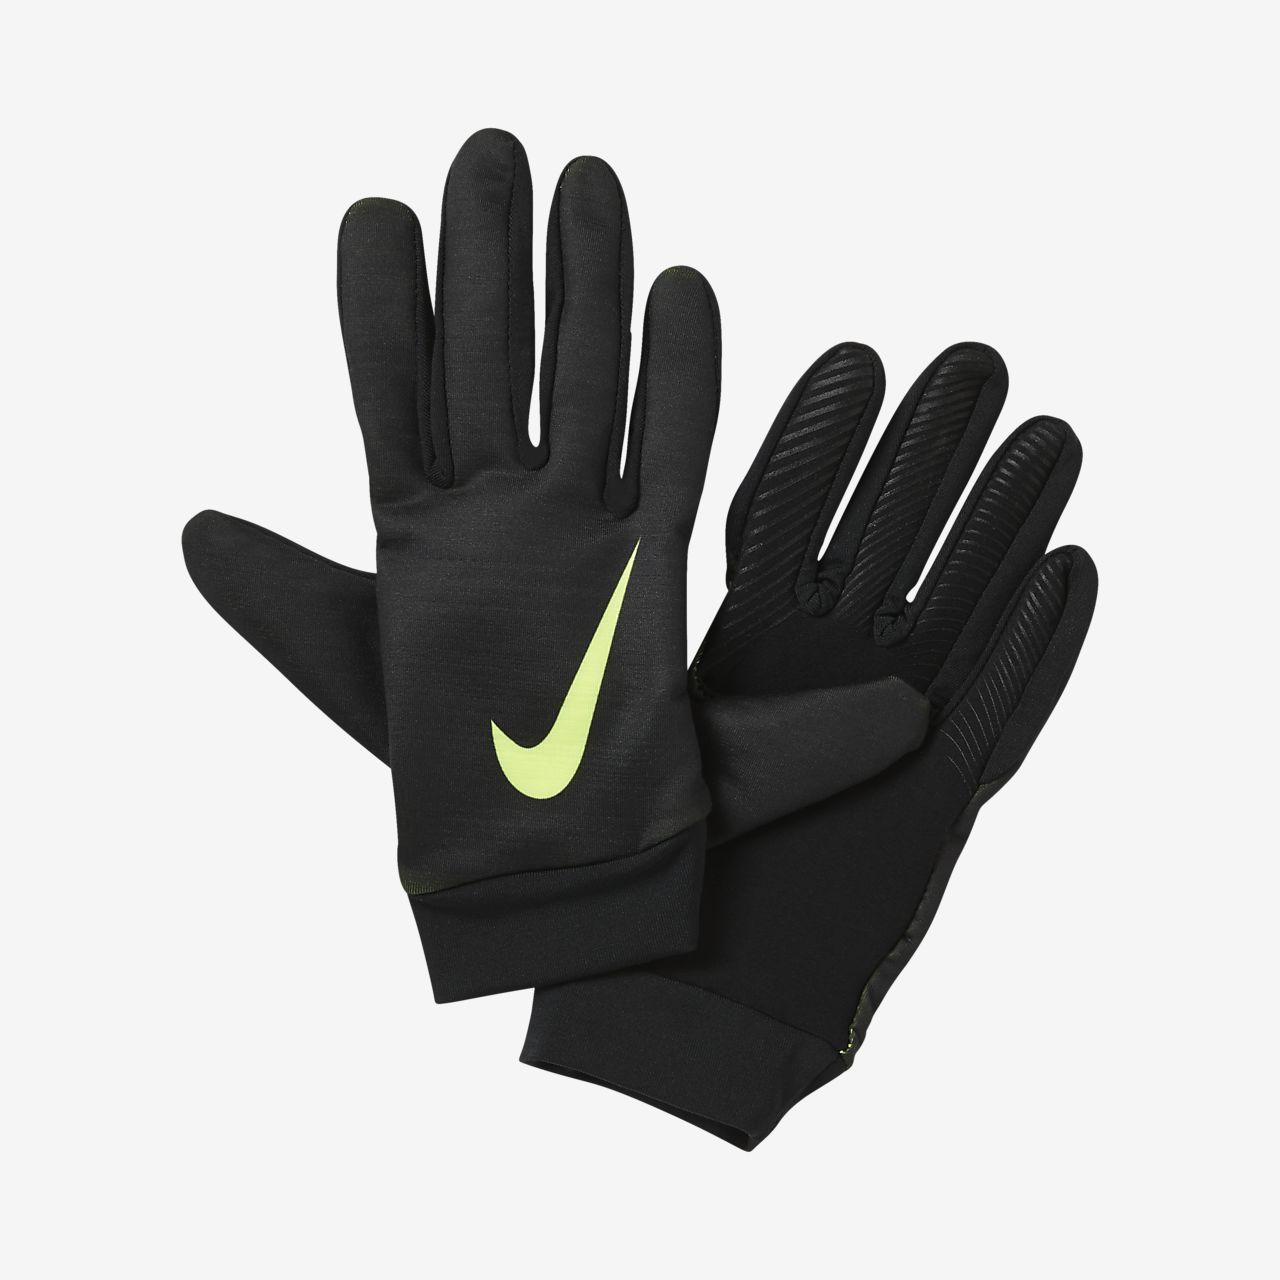 b183c5a6b Low Resolution Rękawiczki termoaktywne dla dzieci Nike Rękawiczki  termoaktywne dla dzieci Nike